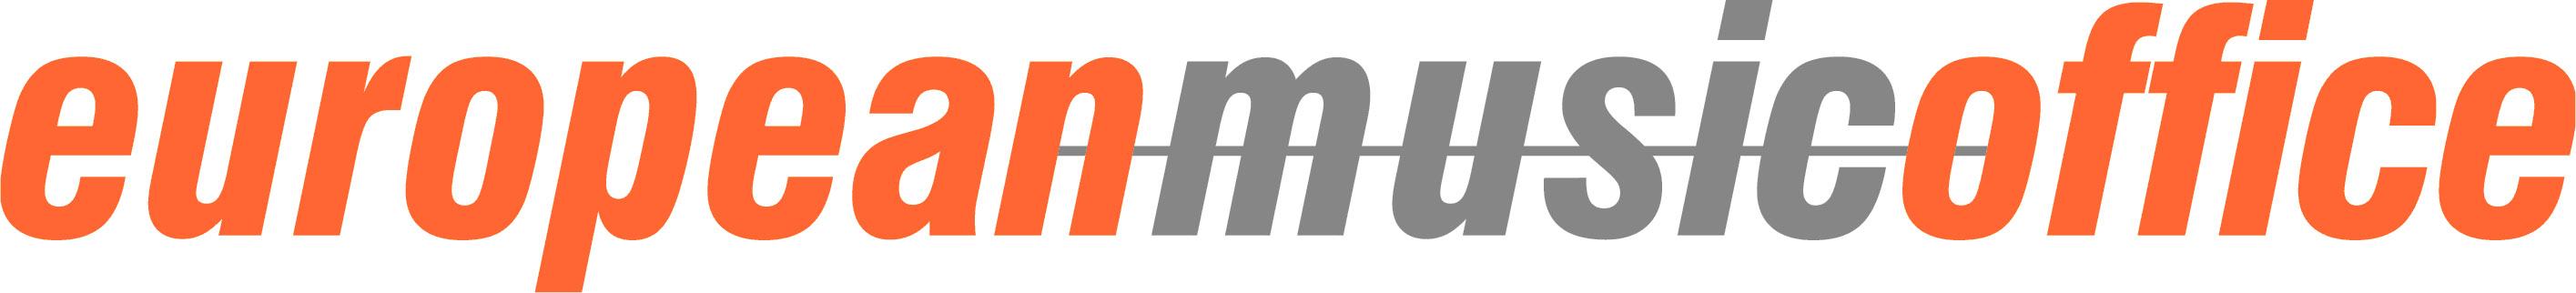 logo for European Music Office